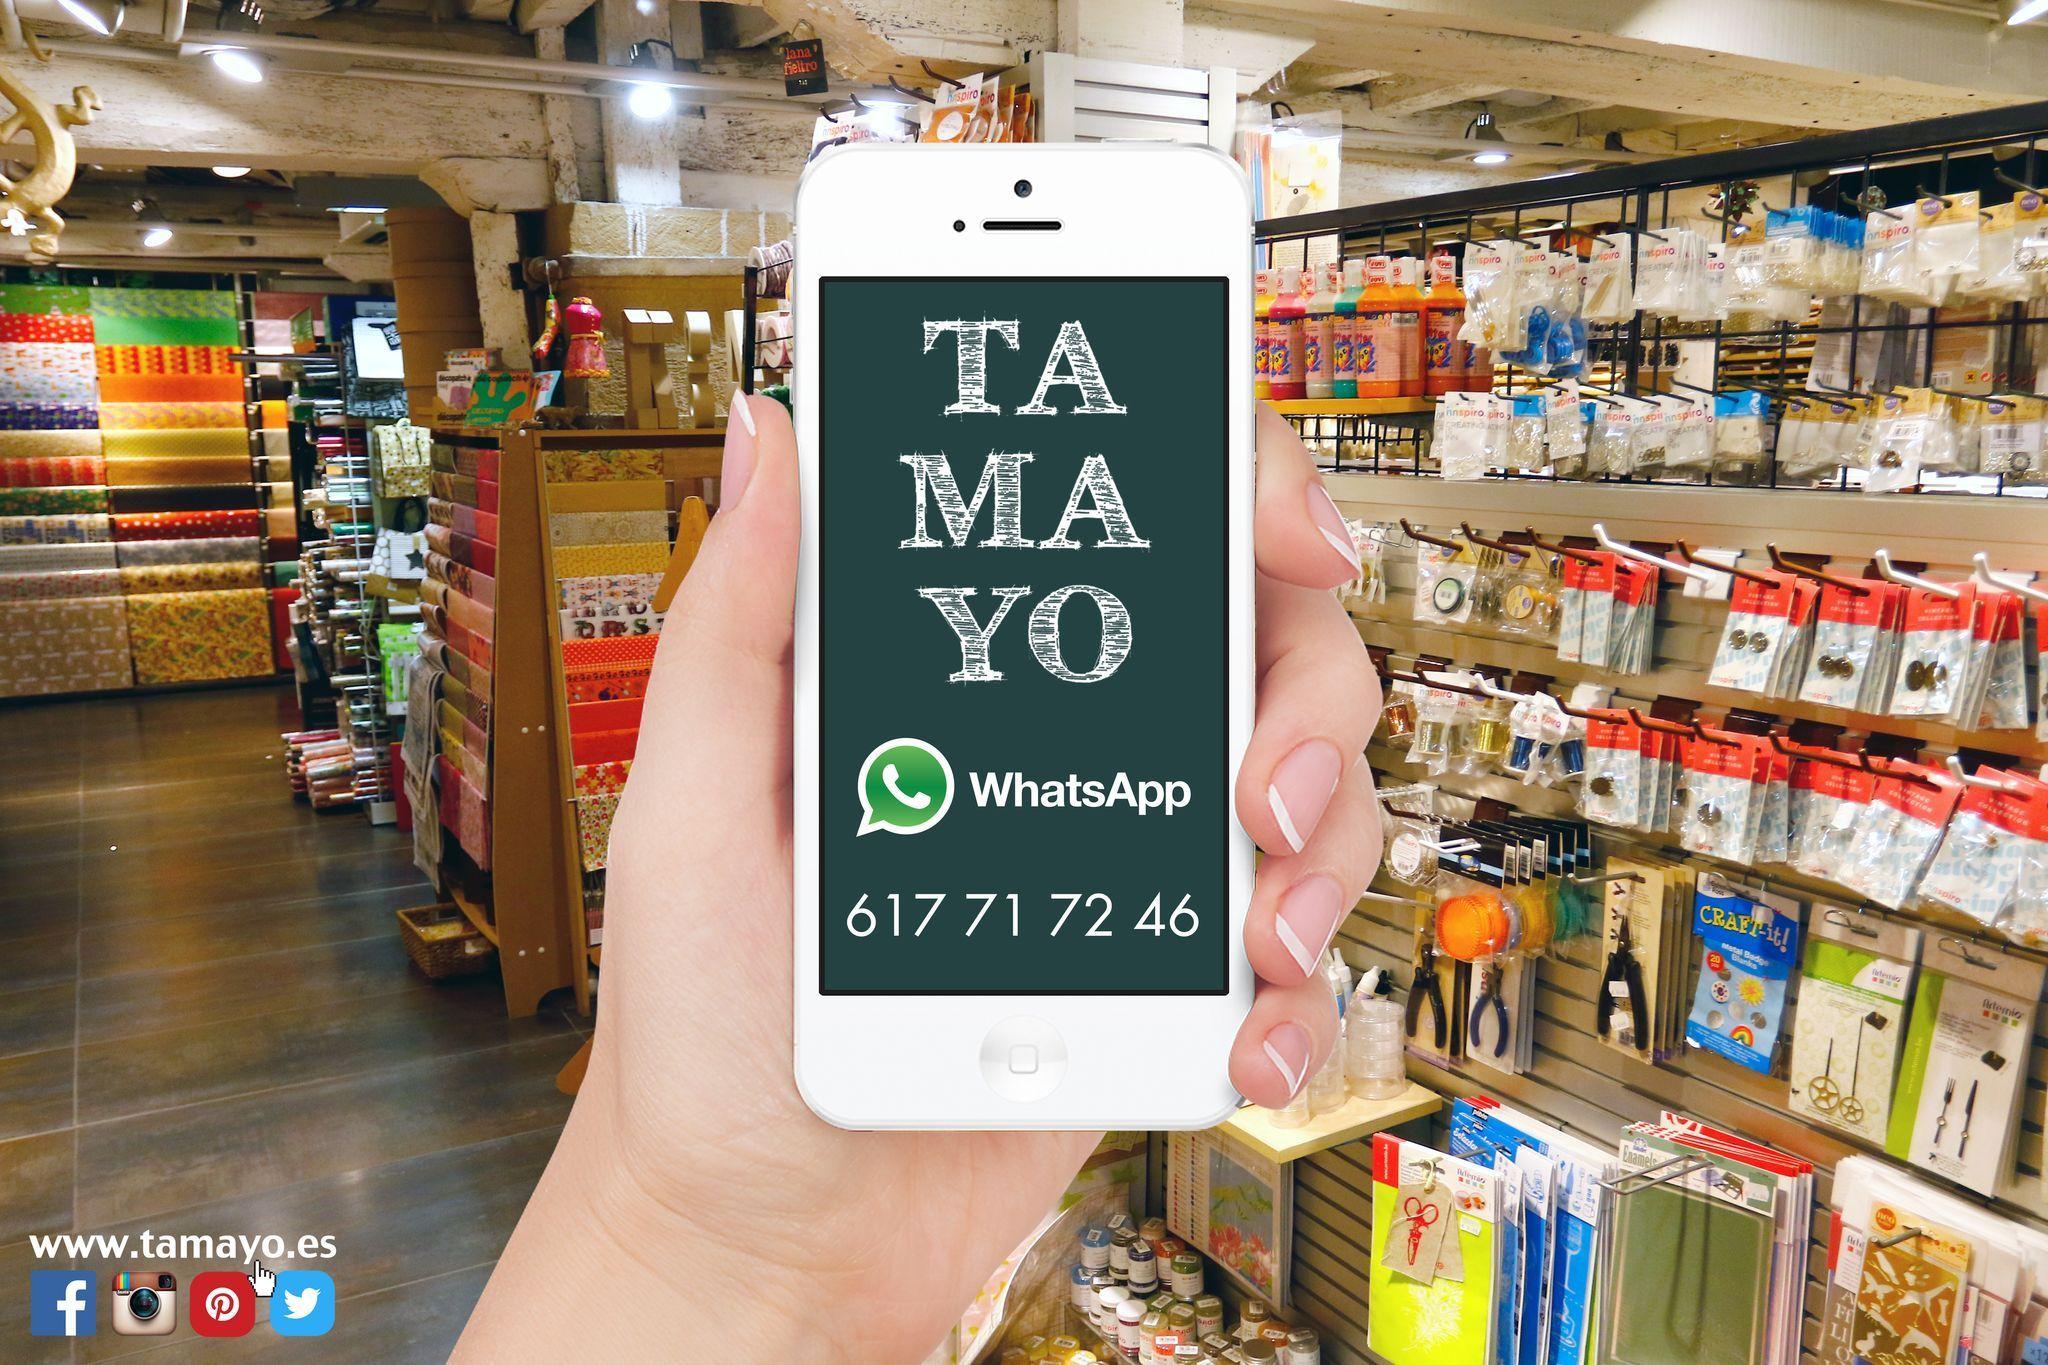 Usas Whatsapp Nosotros También A Partir De Ahora Todo Tamayopapeleria En La Palma De Tu Mano Tus Dudas Consultas Pr Instagram San Sebastian Instagram Posts